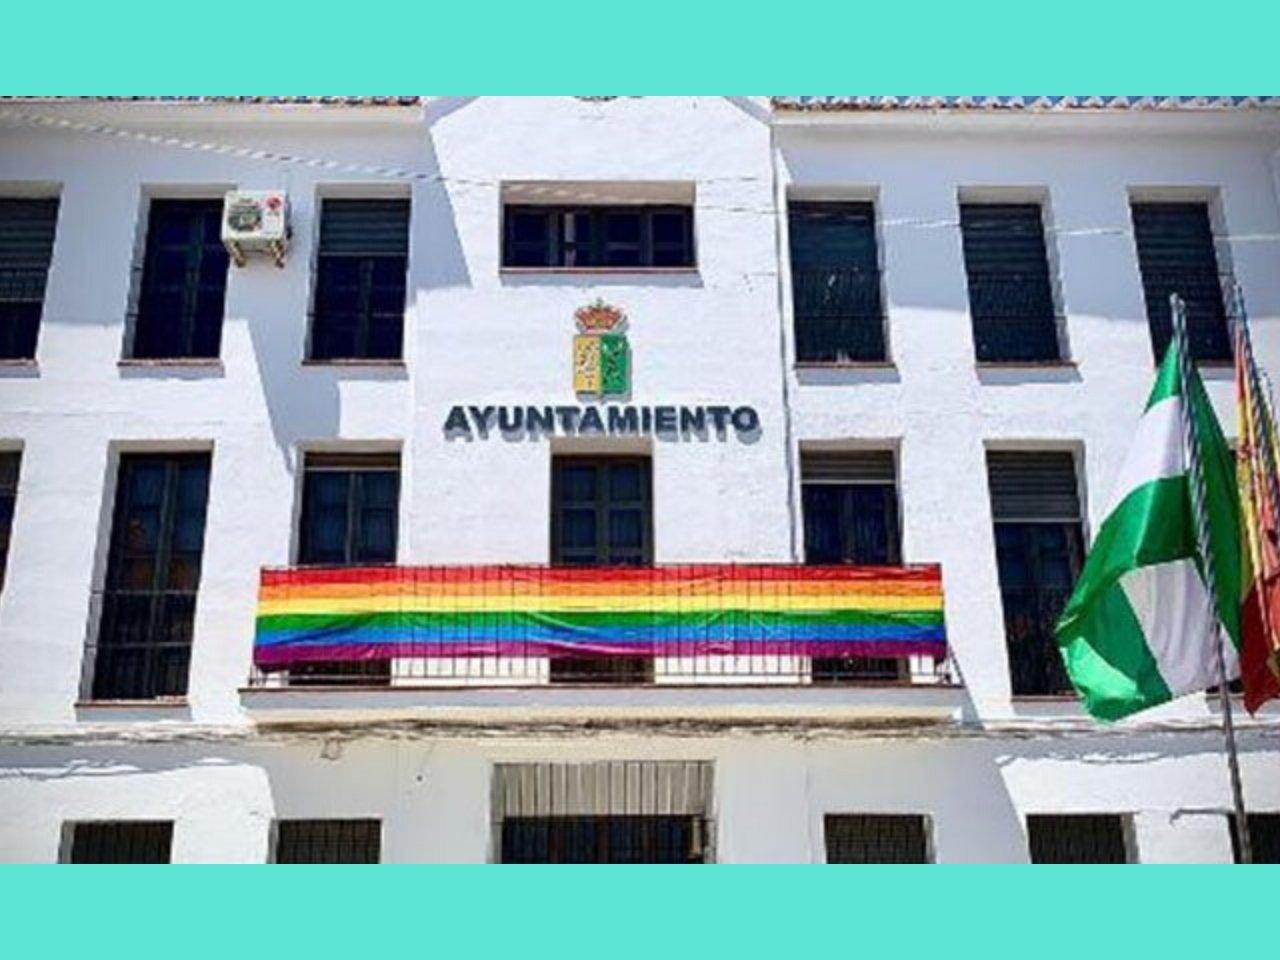 Mairie de Villanueva de Algaida arborant le drapeau LGBTQ